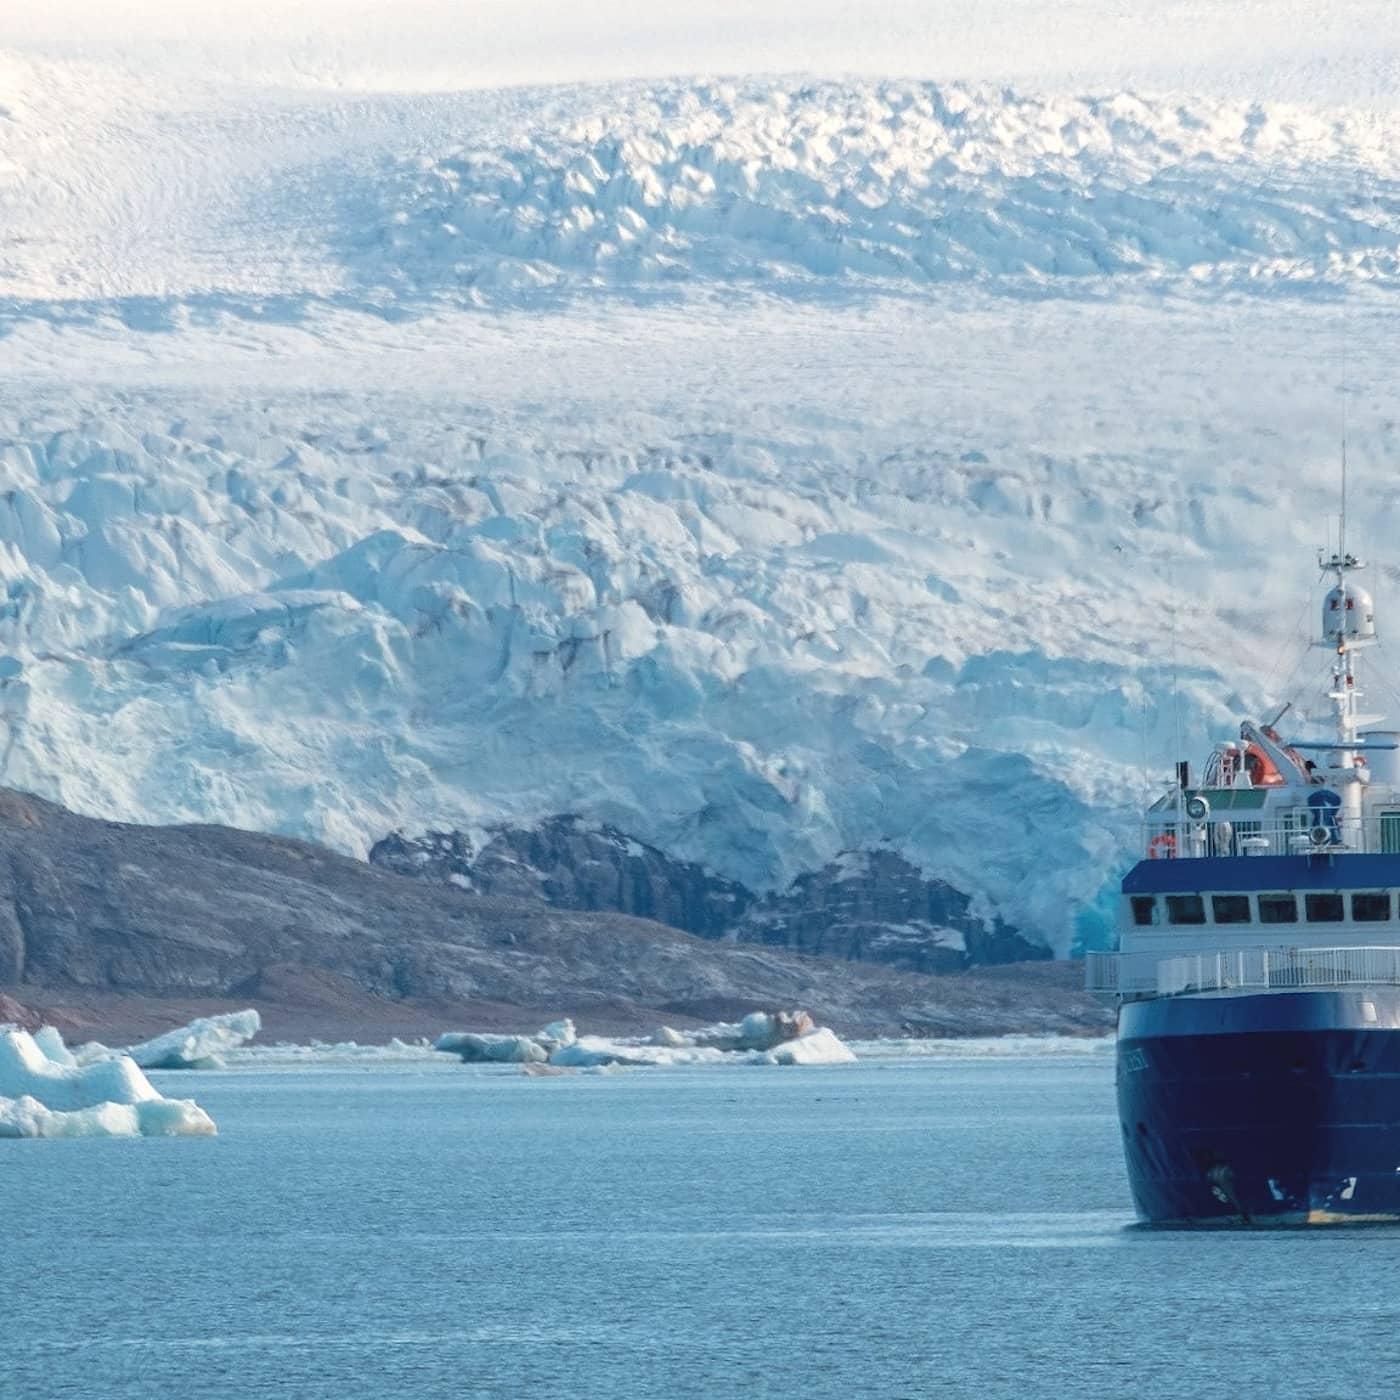 Del 1/3. Svalbard - Är polarturisten ambassadör eller marodör?